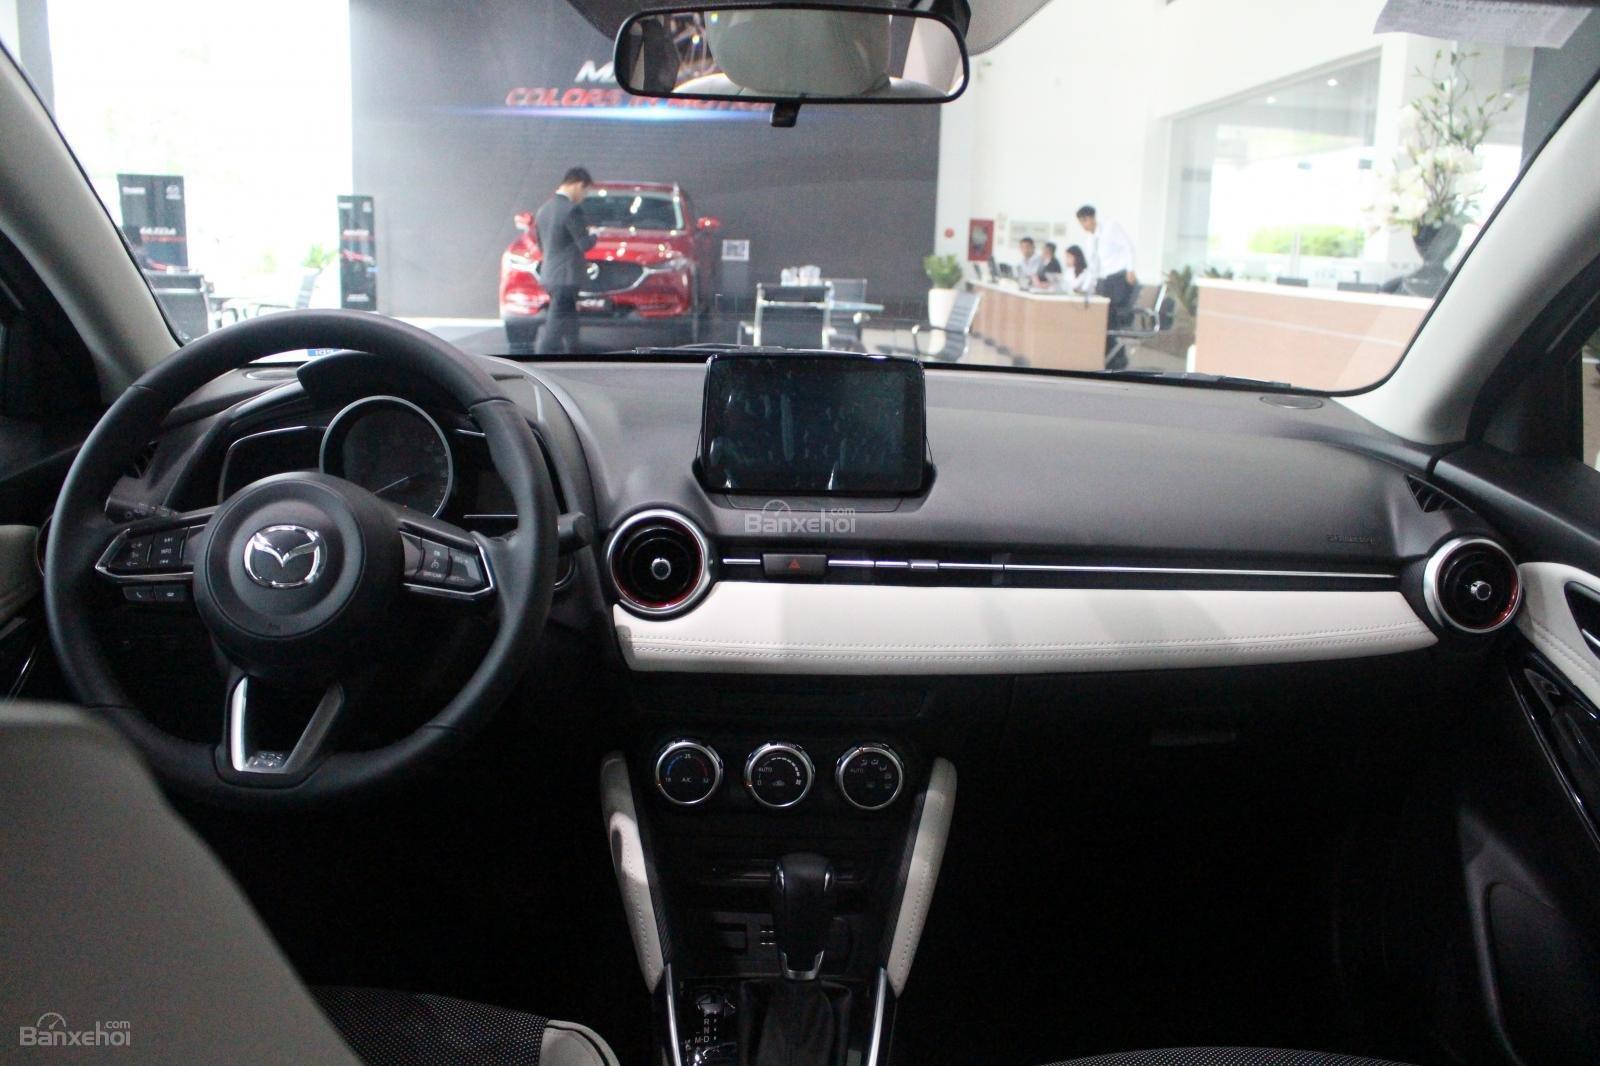 {Mazda Bình Triệu} Mazda 2 1.5 AT full option, xe nhập Thái - LH 0941 322 979 giá rẻ nhất TP Hồ Chí Minh-8